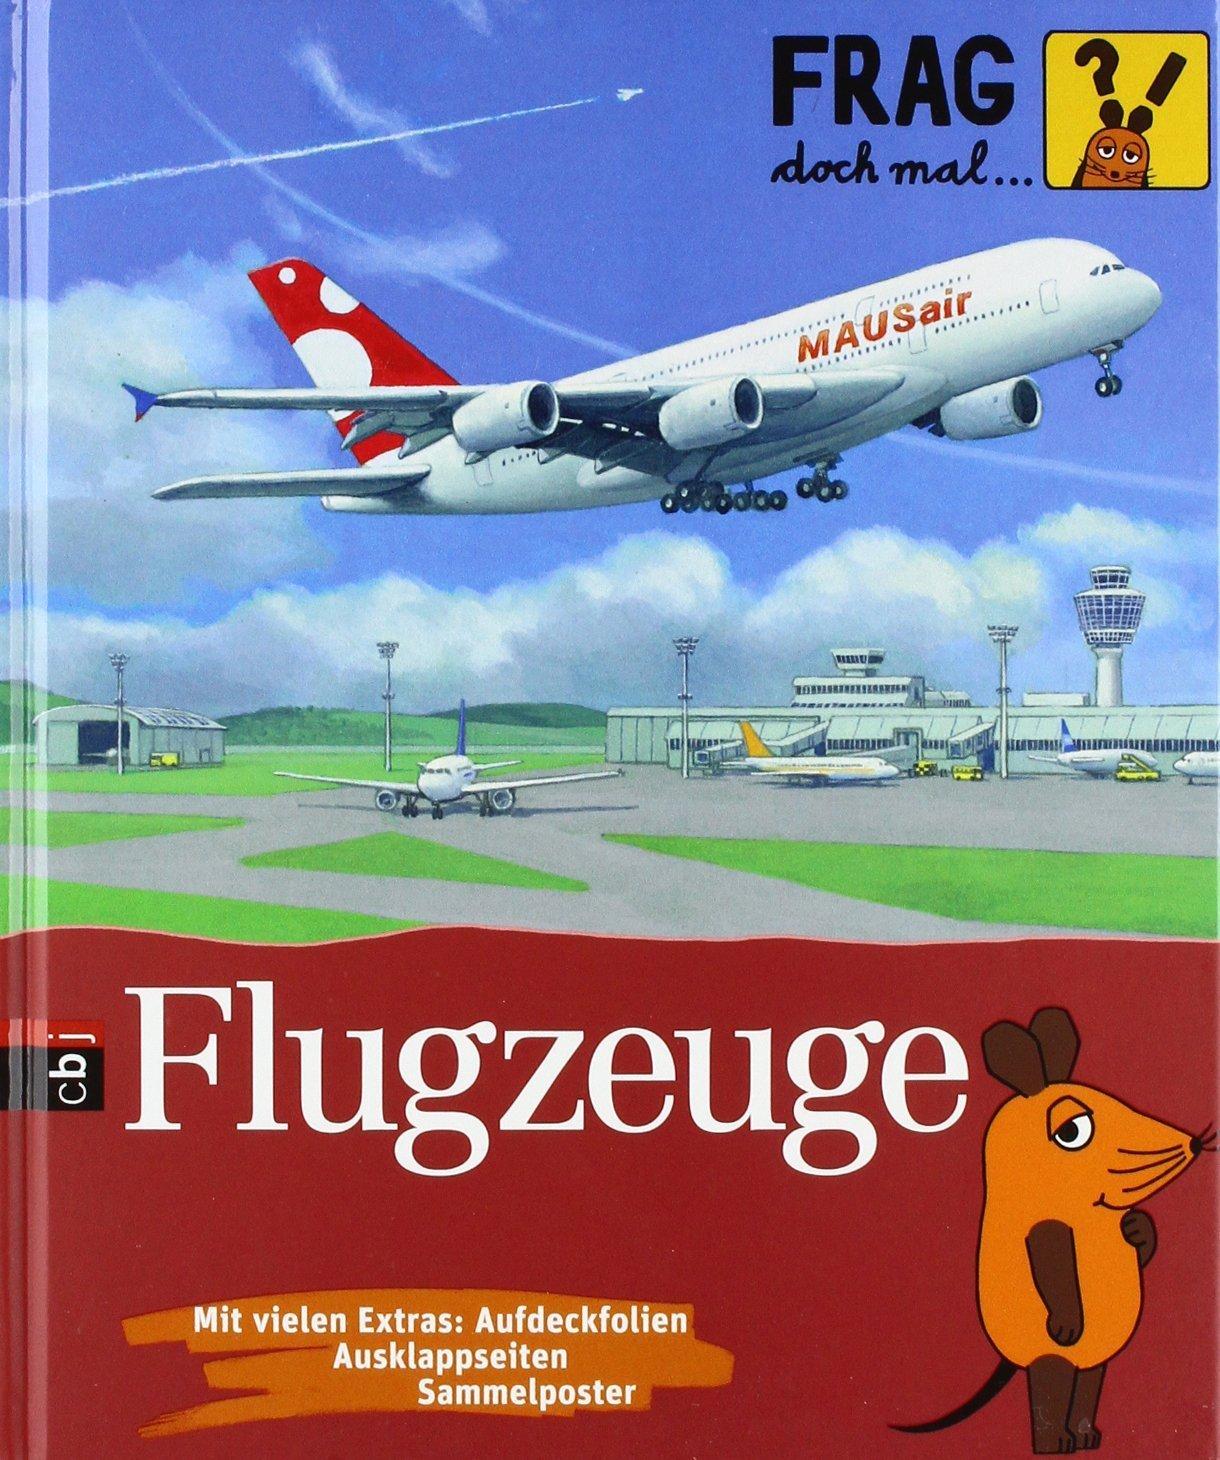 Die Maus weiß alles - auch über Flugzeuge © Amazon.de